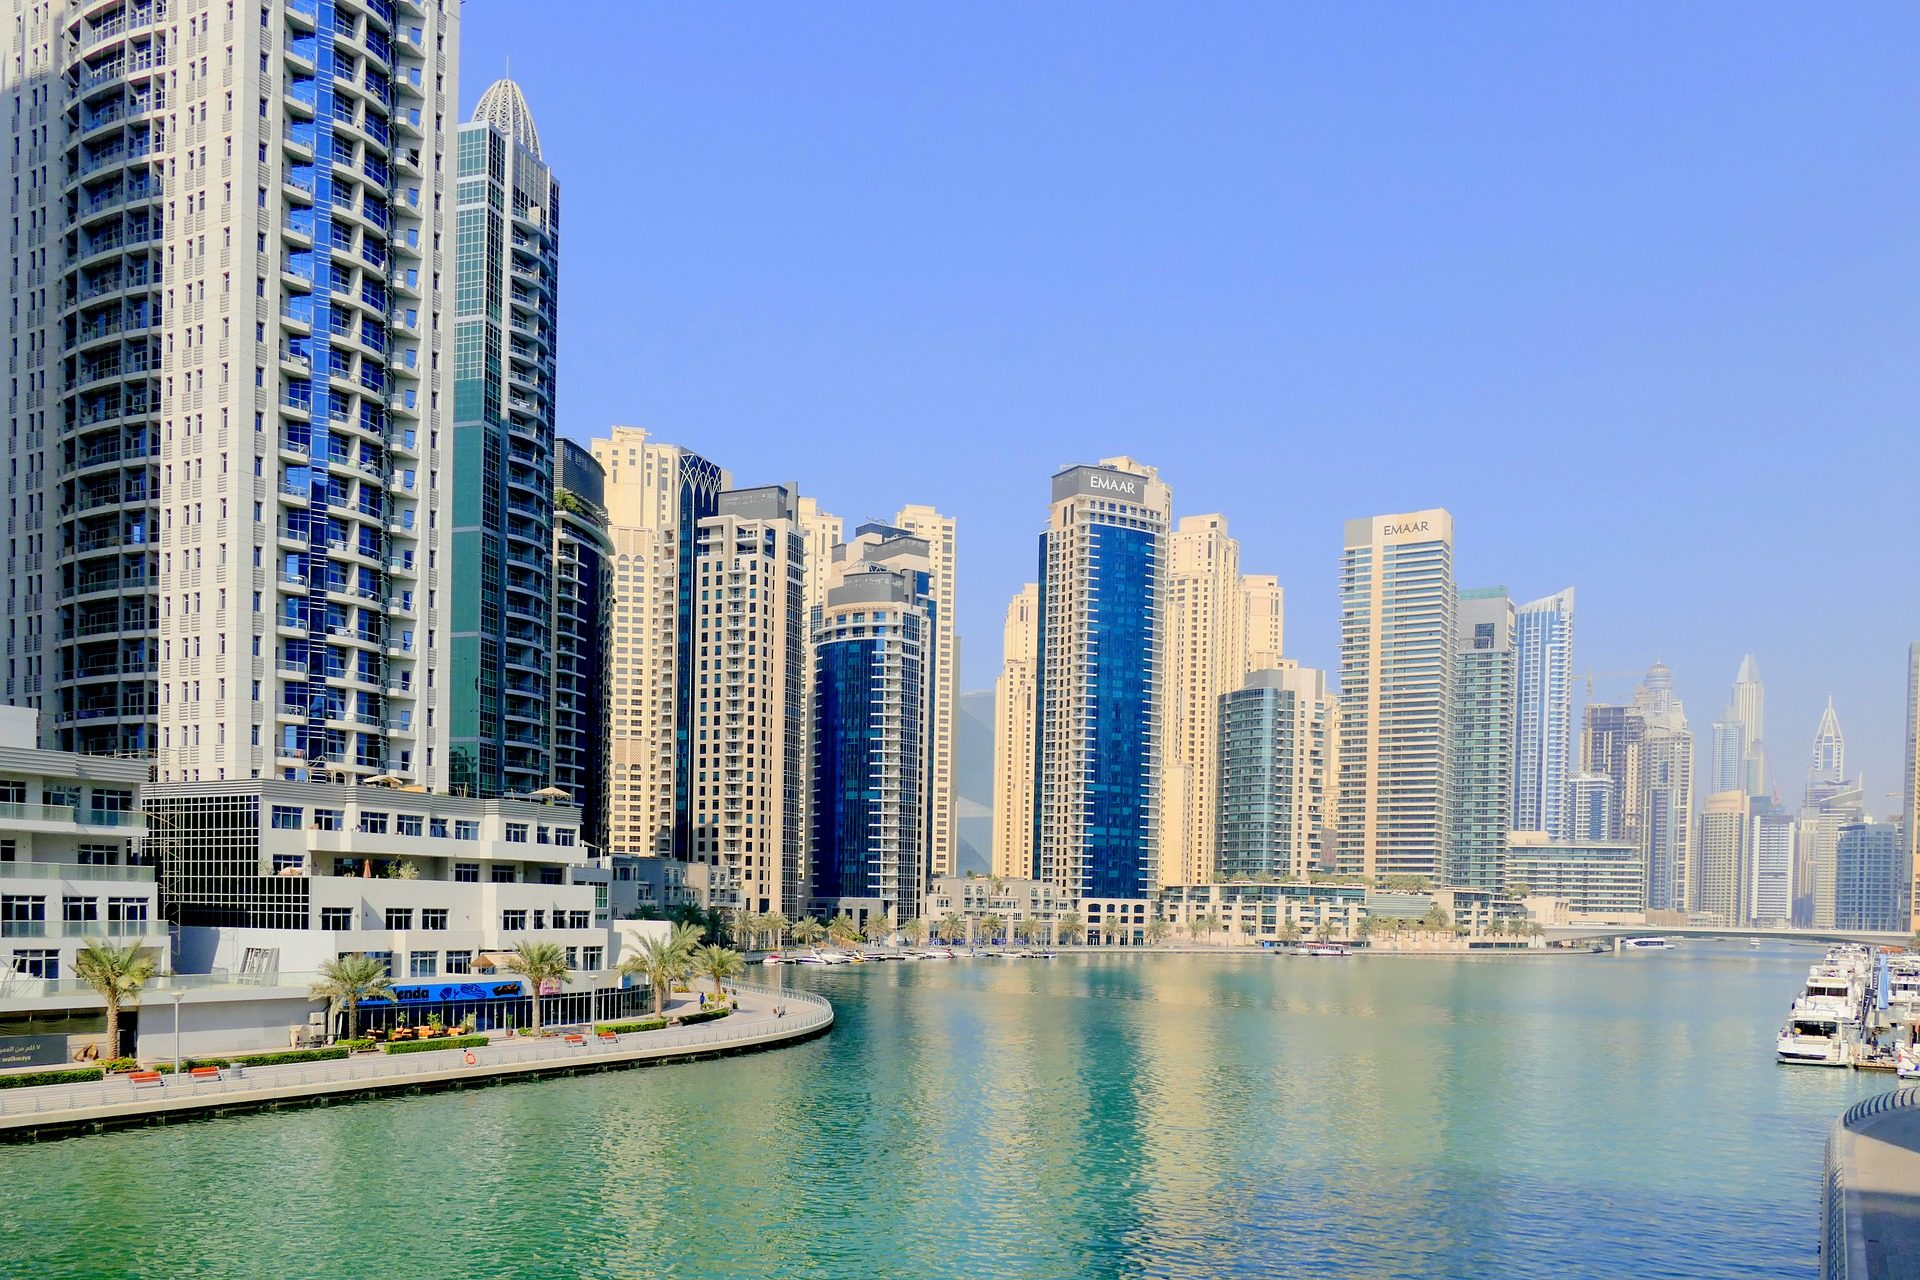 城市, 端口, 摩天大楼, 建筑, 水, 天际线, 迪拜 - 高清壁纸 - 教授-falken.com